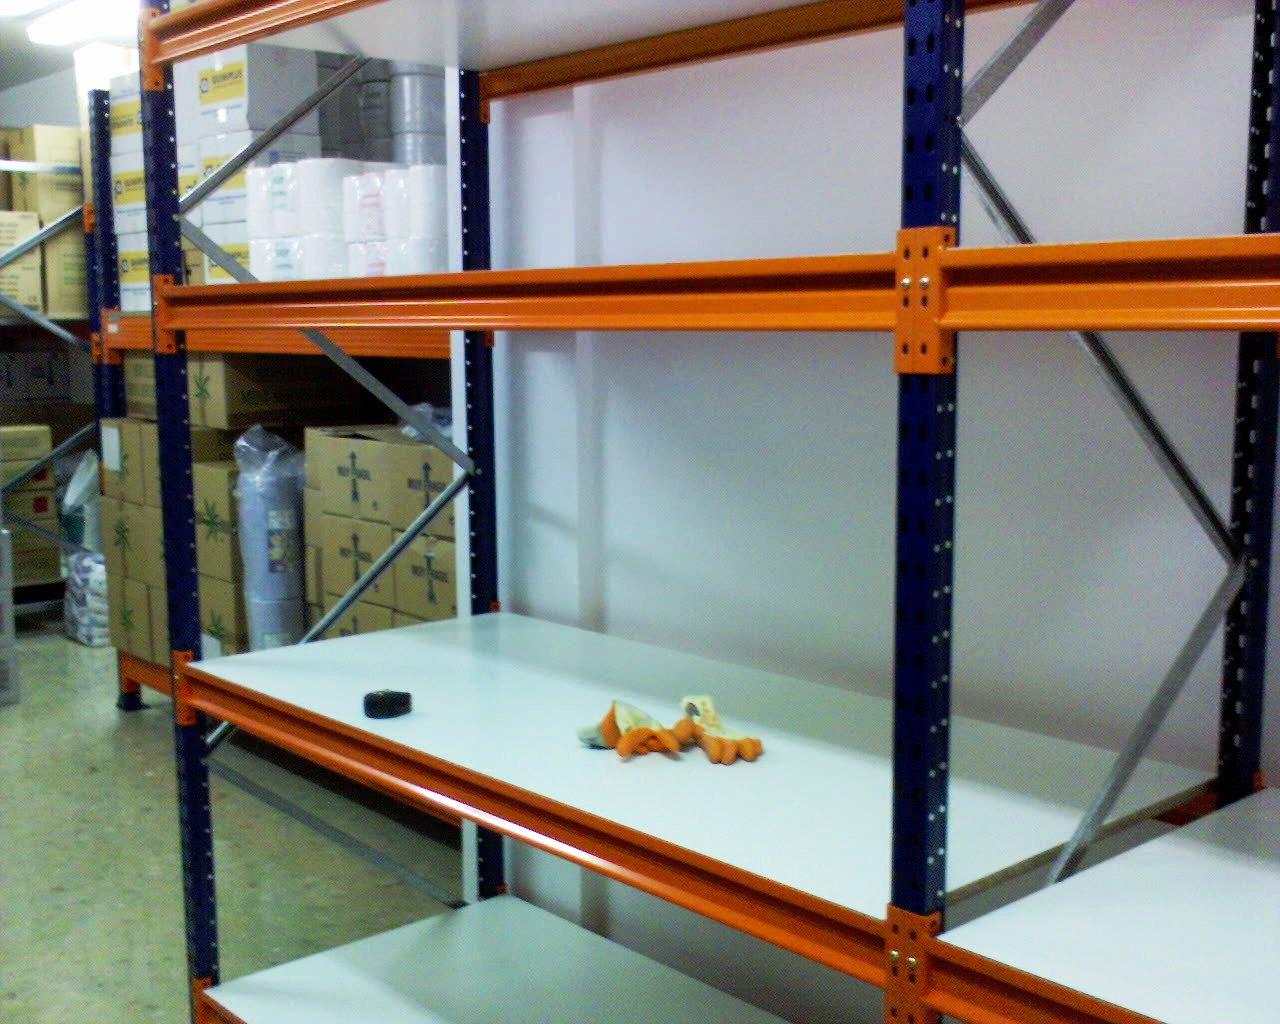 Estanterias trastero excellent laterales y de fondo para - Oferta estanterias metalicas ...